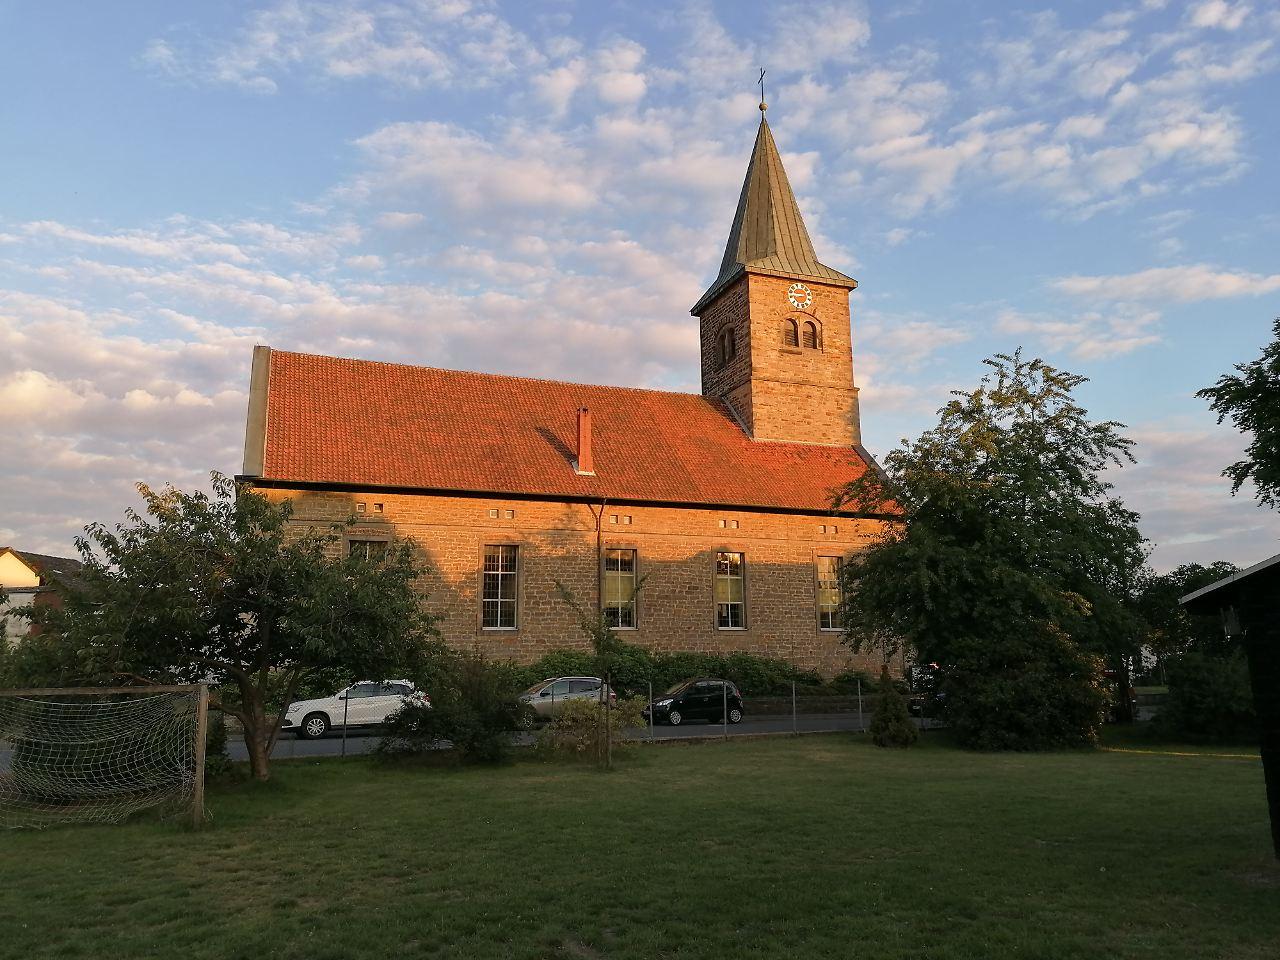 Die St. Petrus-Kirche in Steinhude wurde in 50 Jahren aus Sandstein erbaut., Foto: Markus Weseloh.